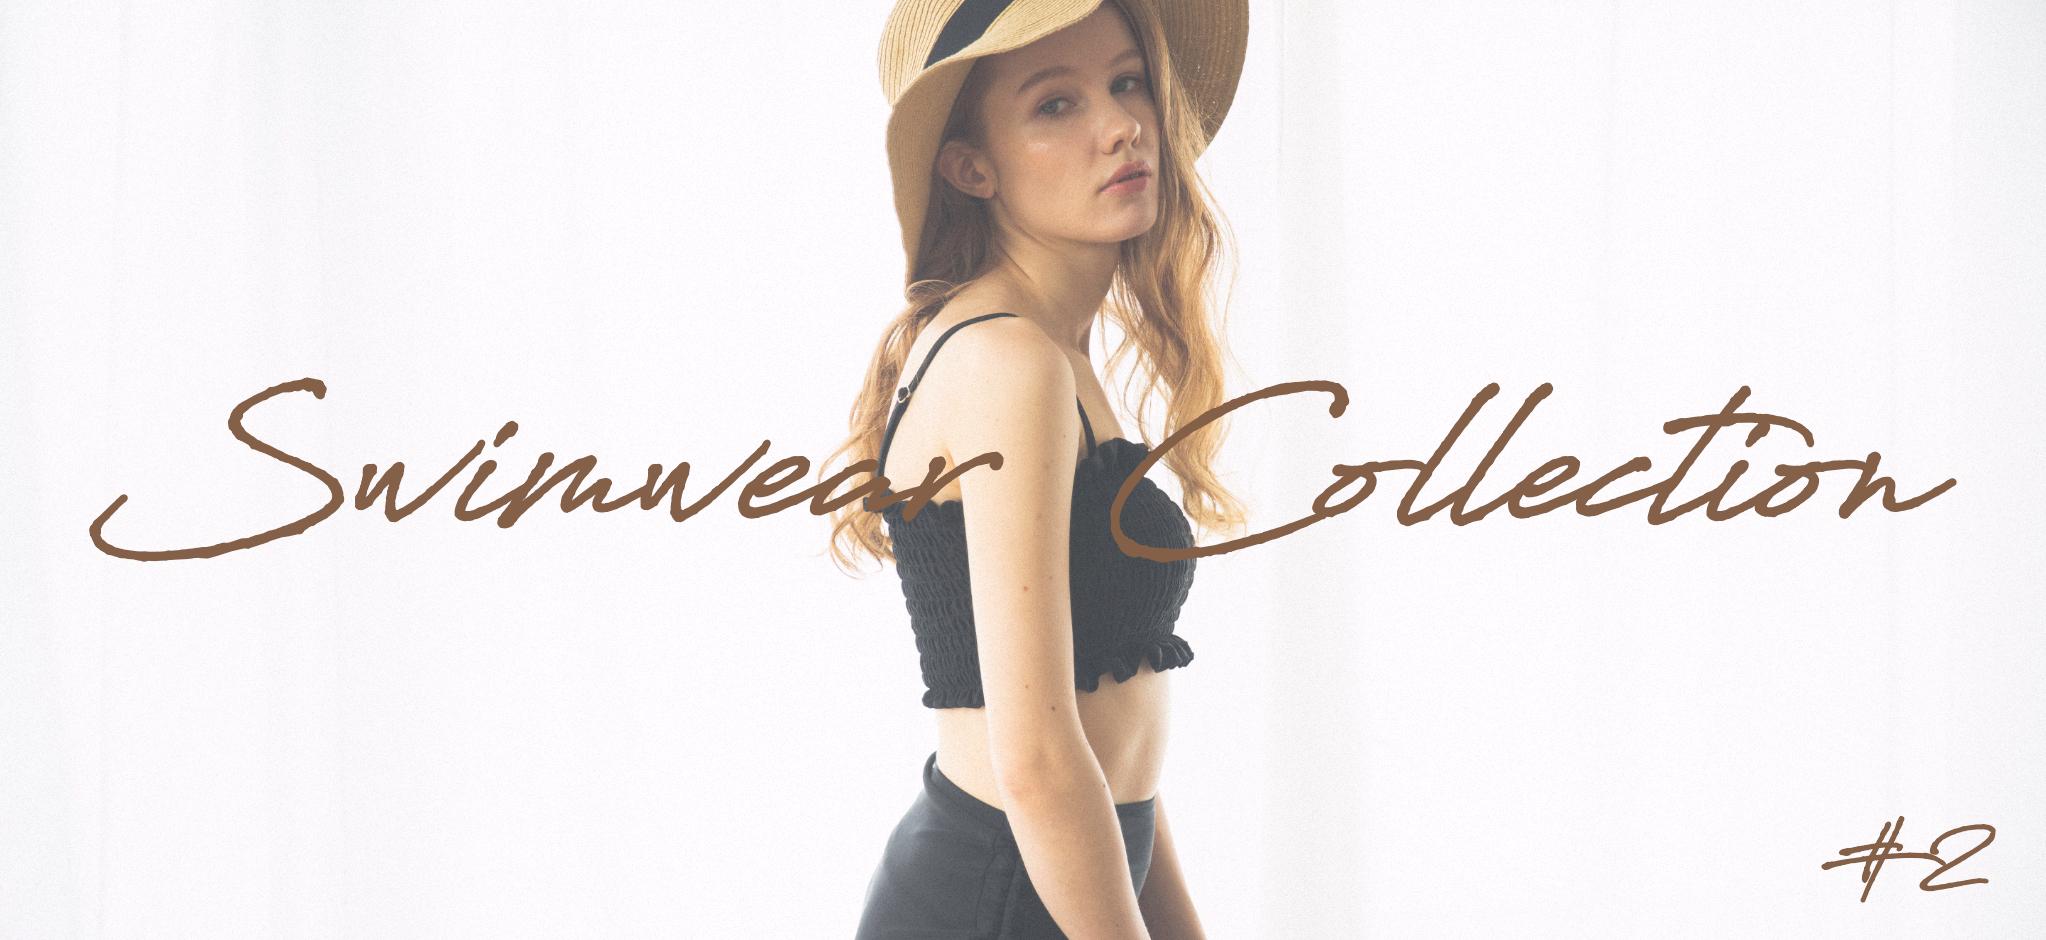 【Swimwear Collection】#2 ベーシックなシンプル特集!